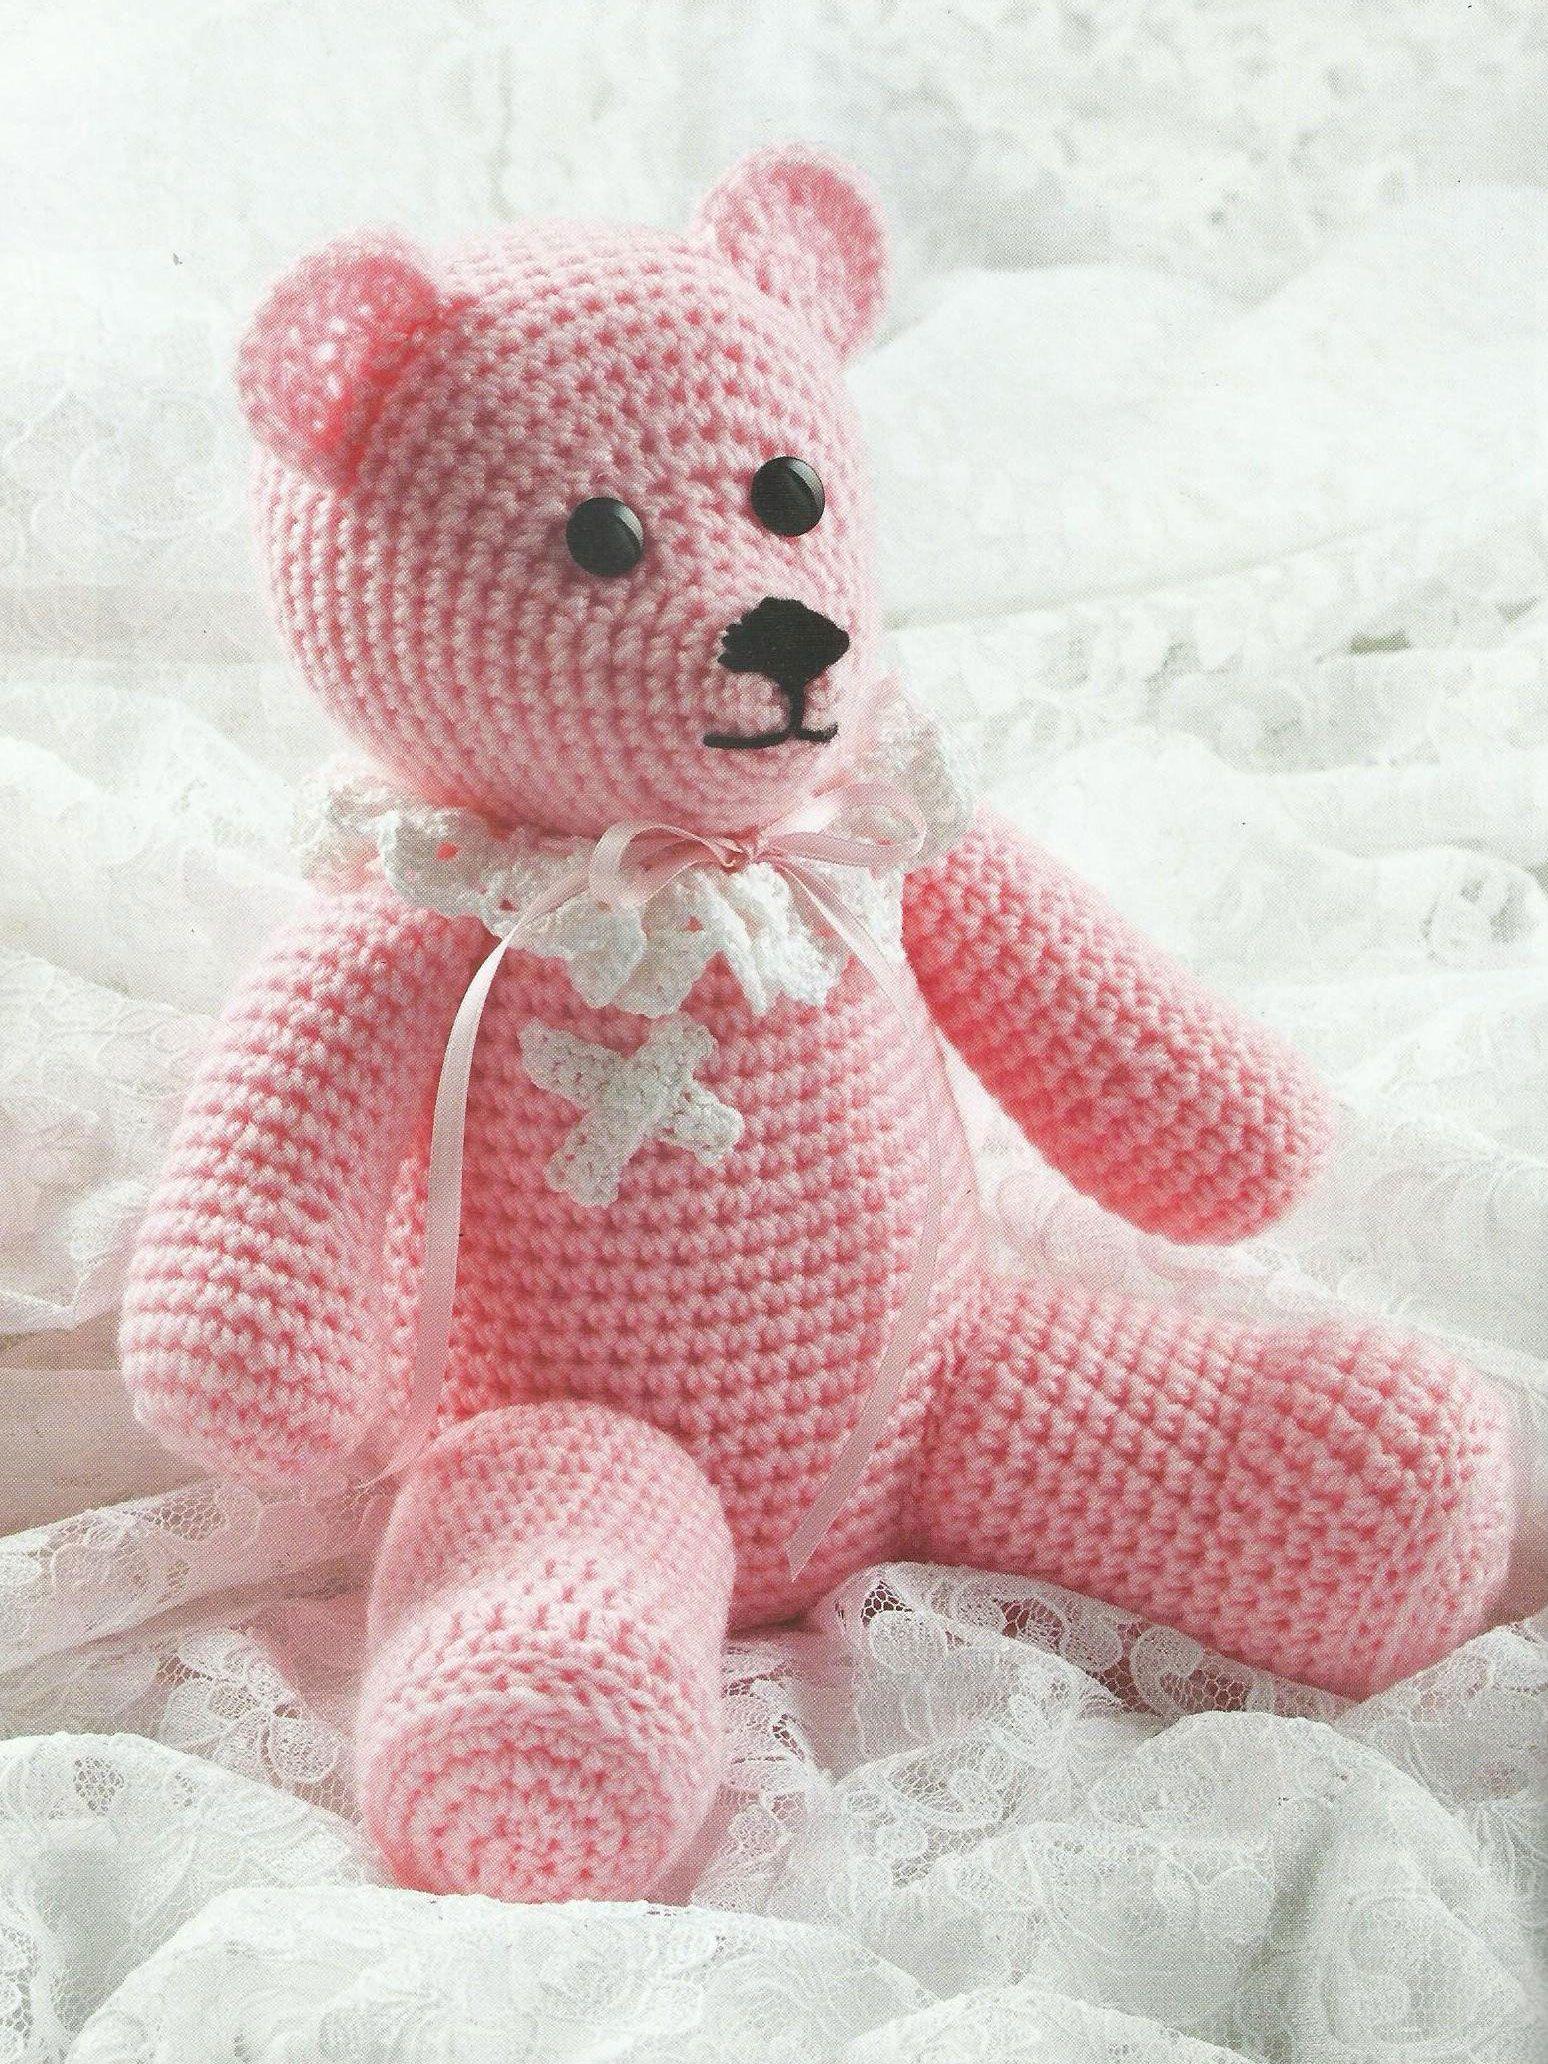 Crochet Teddy Bear Amigurumi Free Patterns on We Heart It | 2064x1548